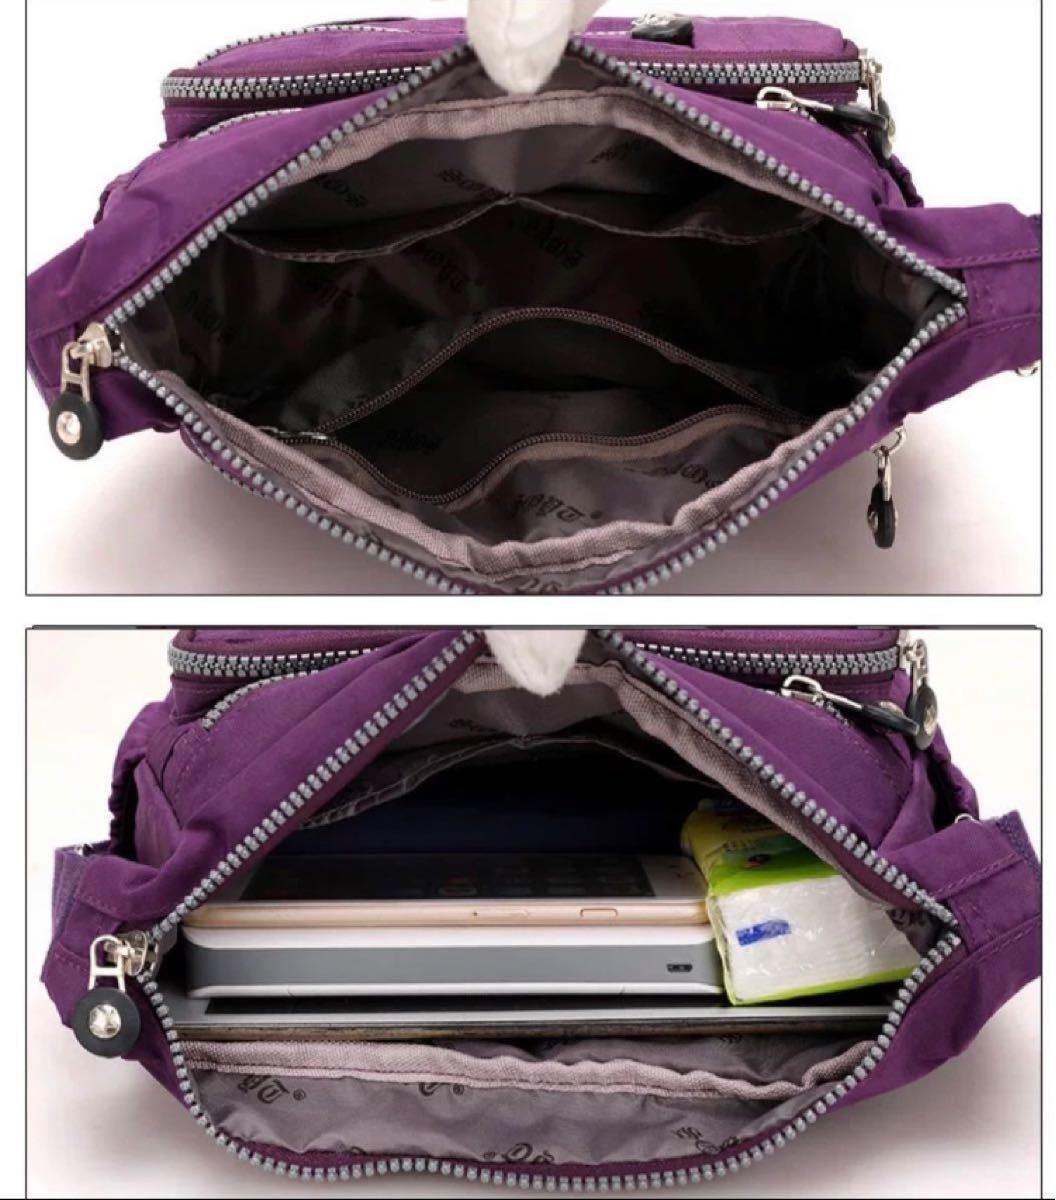 ショルダーバッグ ボディーバッグ 紫  レディースバッグ  マザーズバッグ 斜めがけバッグ 斜めがけ 軽量 旅行バッグ サブバッグ